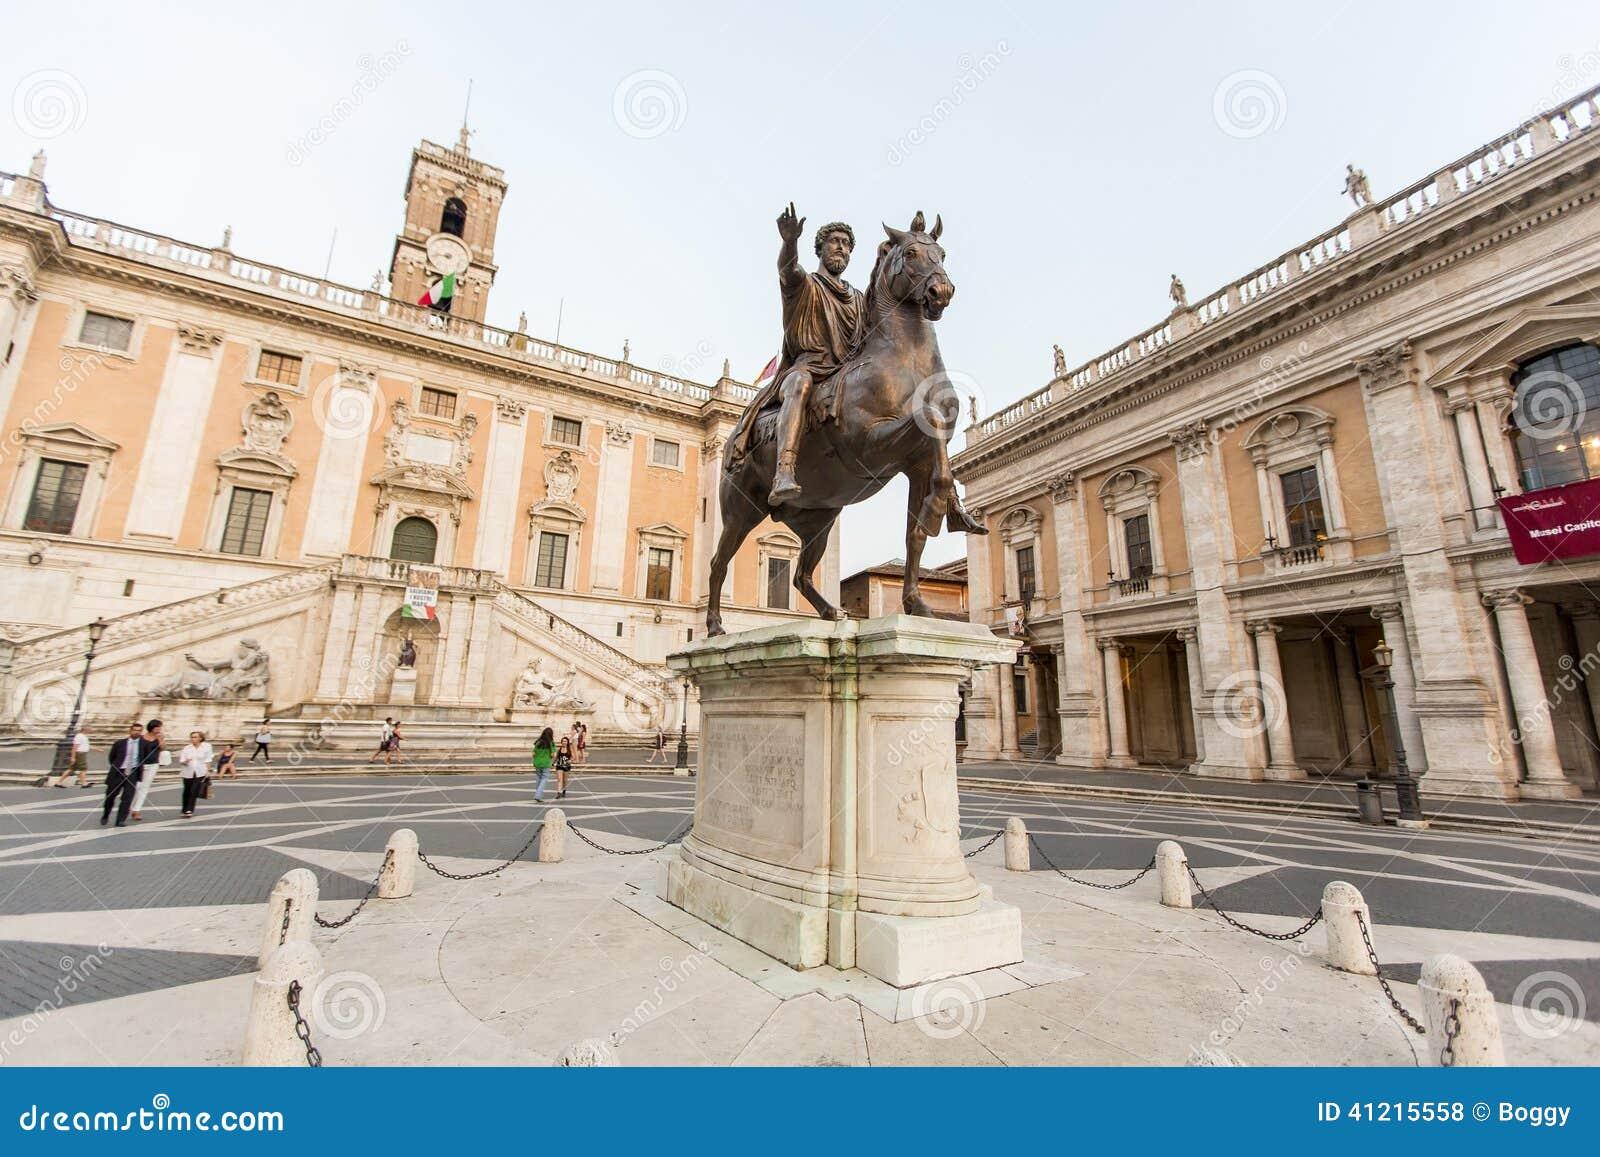 Marcus Aurelius Statue On Piazza Del Campidoglio In Rome Royalty Free Stock  Photos